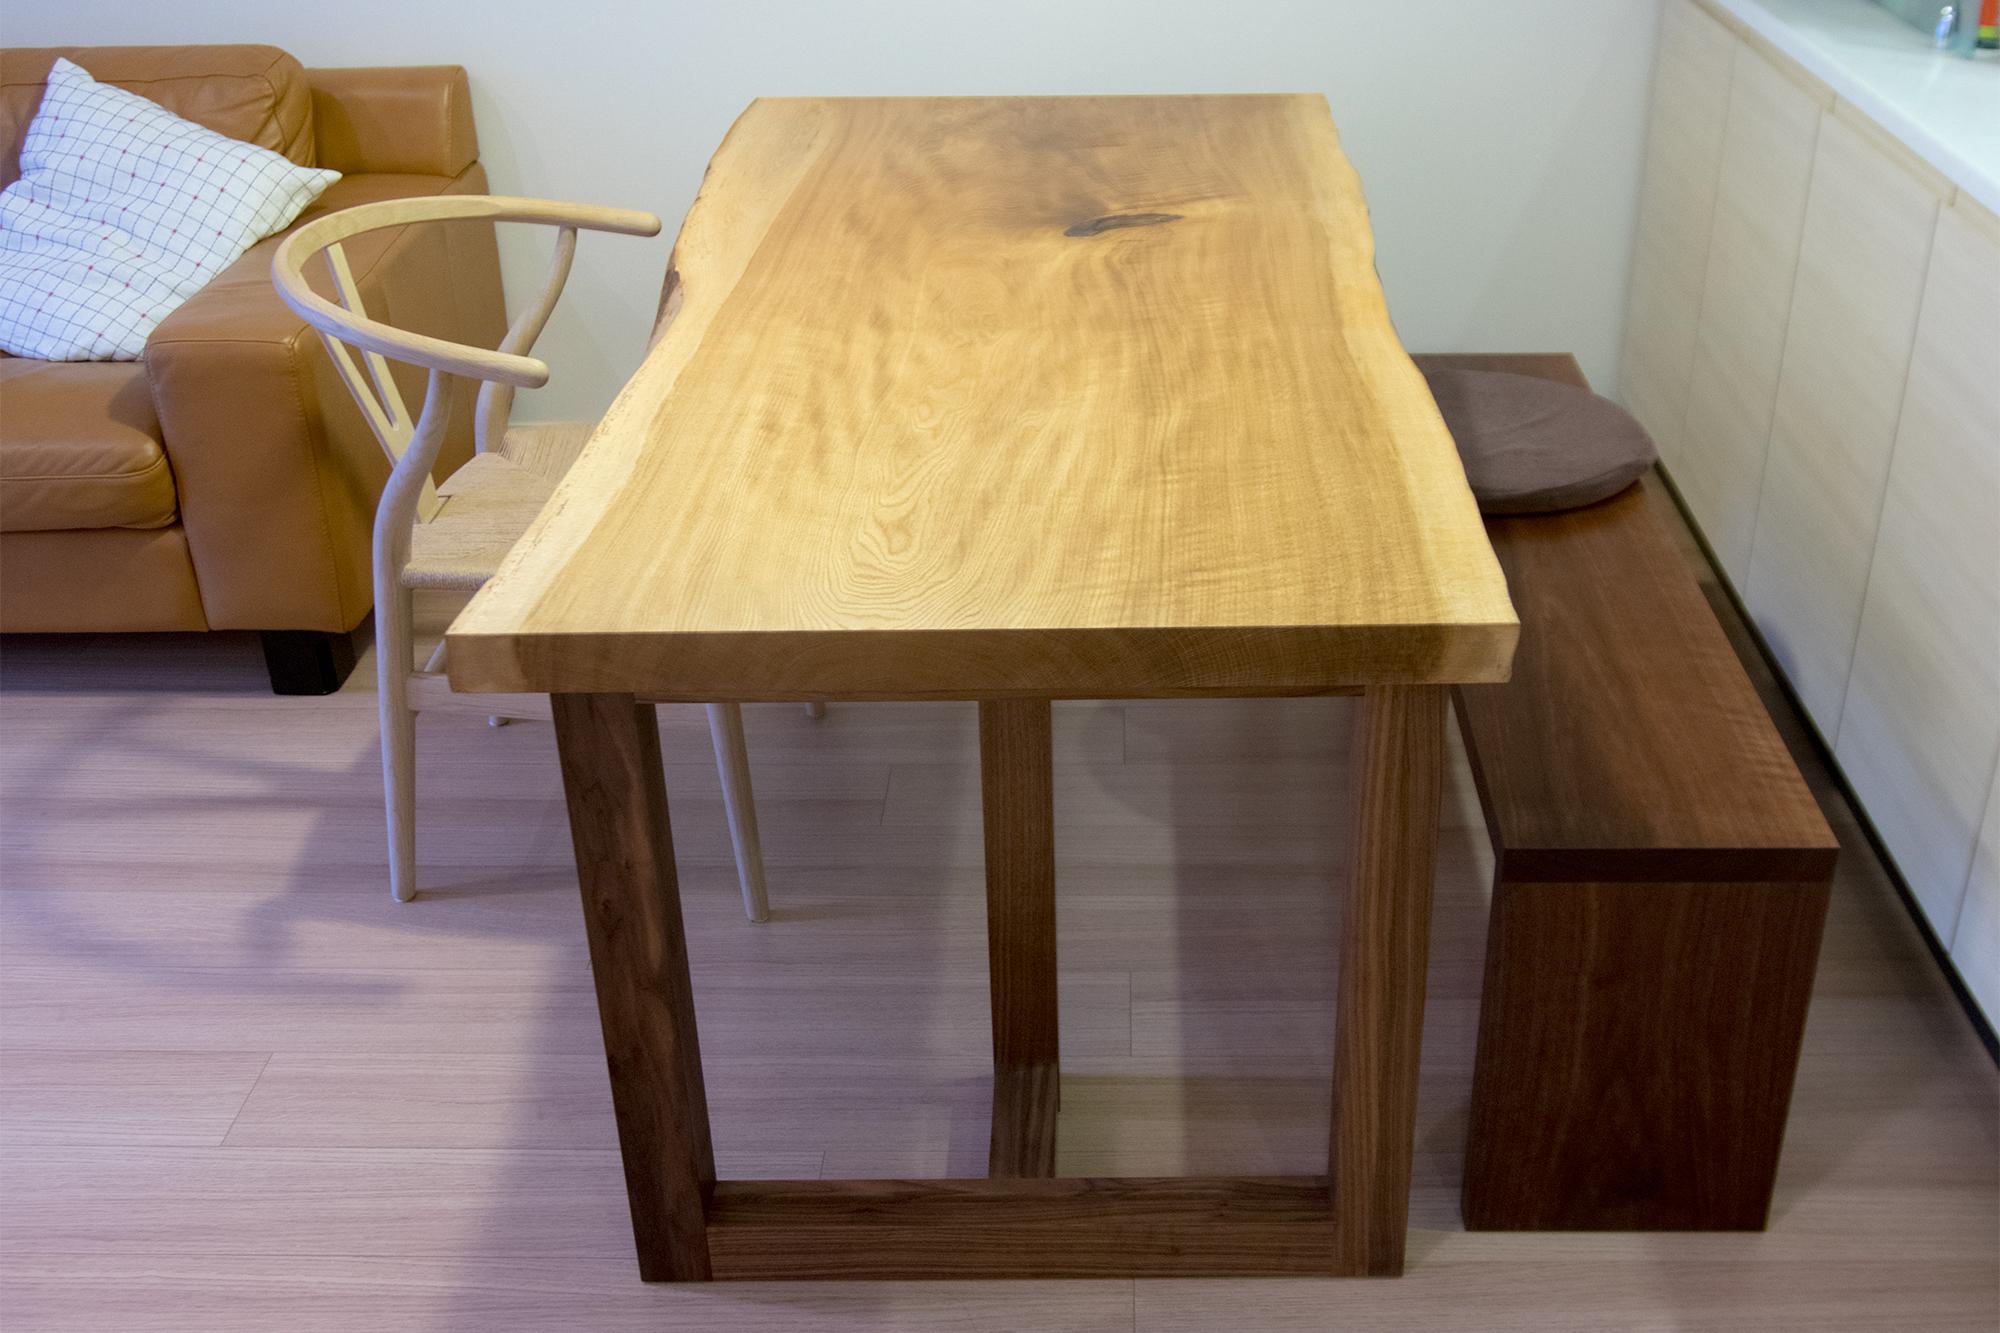 ナラ一枚板無垢天板のダイニングテーブルとウォールナットベンチ